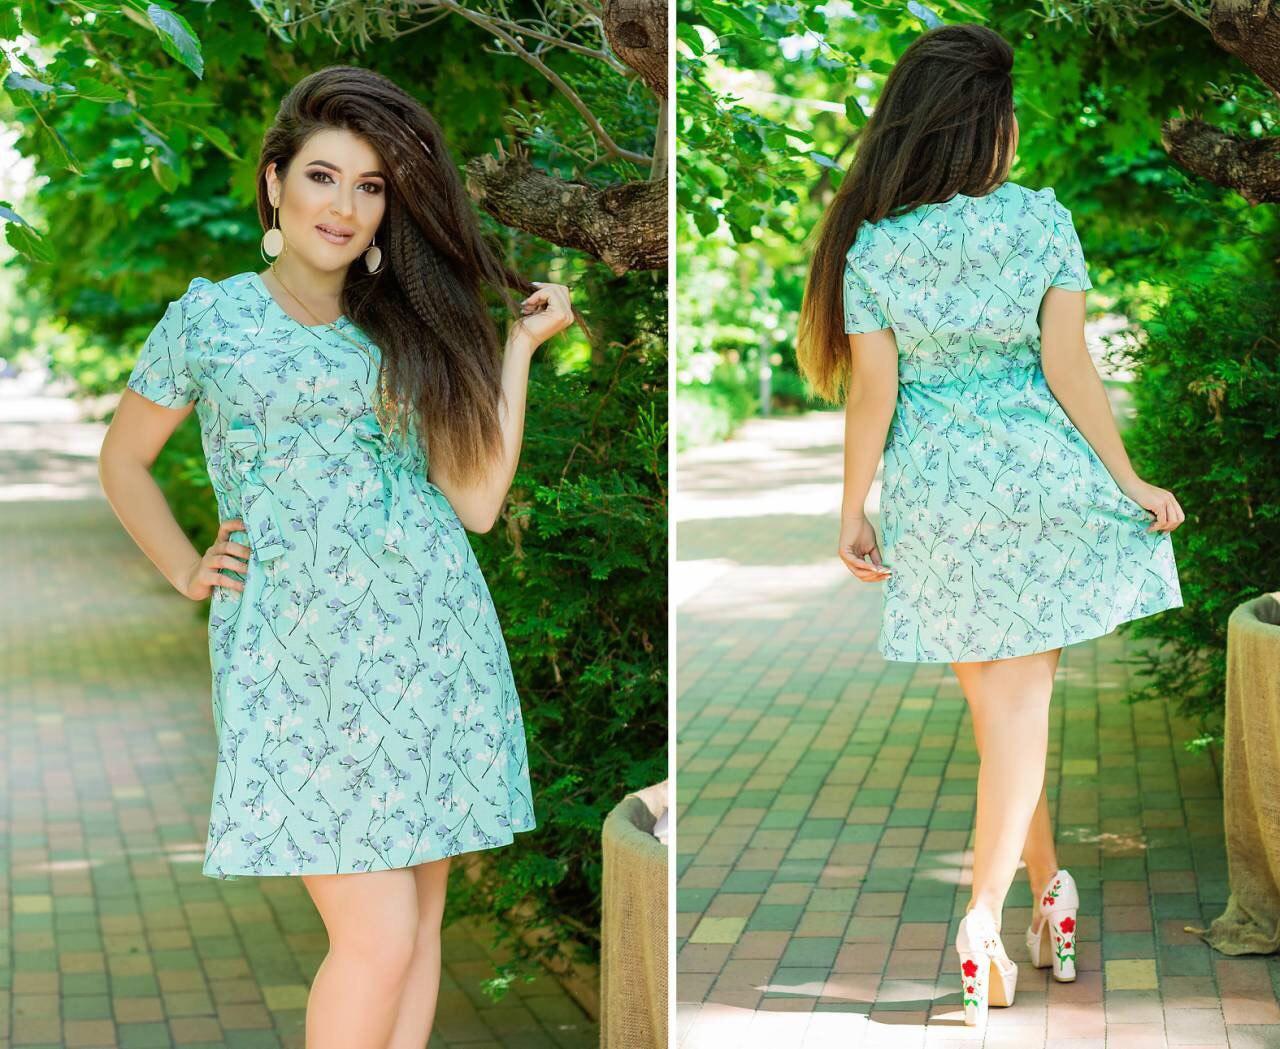 Летнее льняное платье больших размеров 50+ с коротким рукавом, в комплекте кулон   арт 5810-178